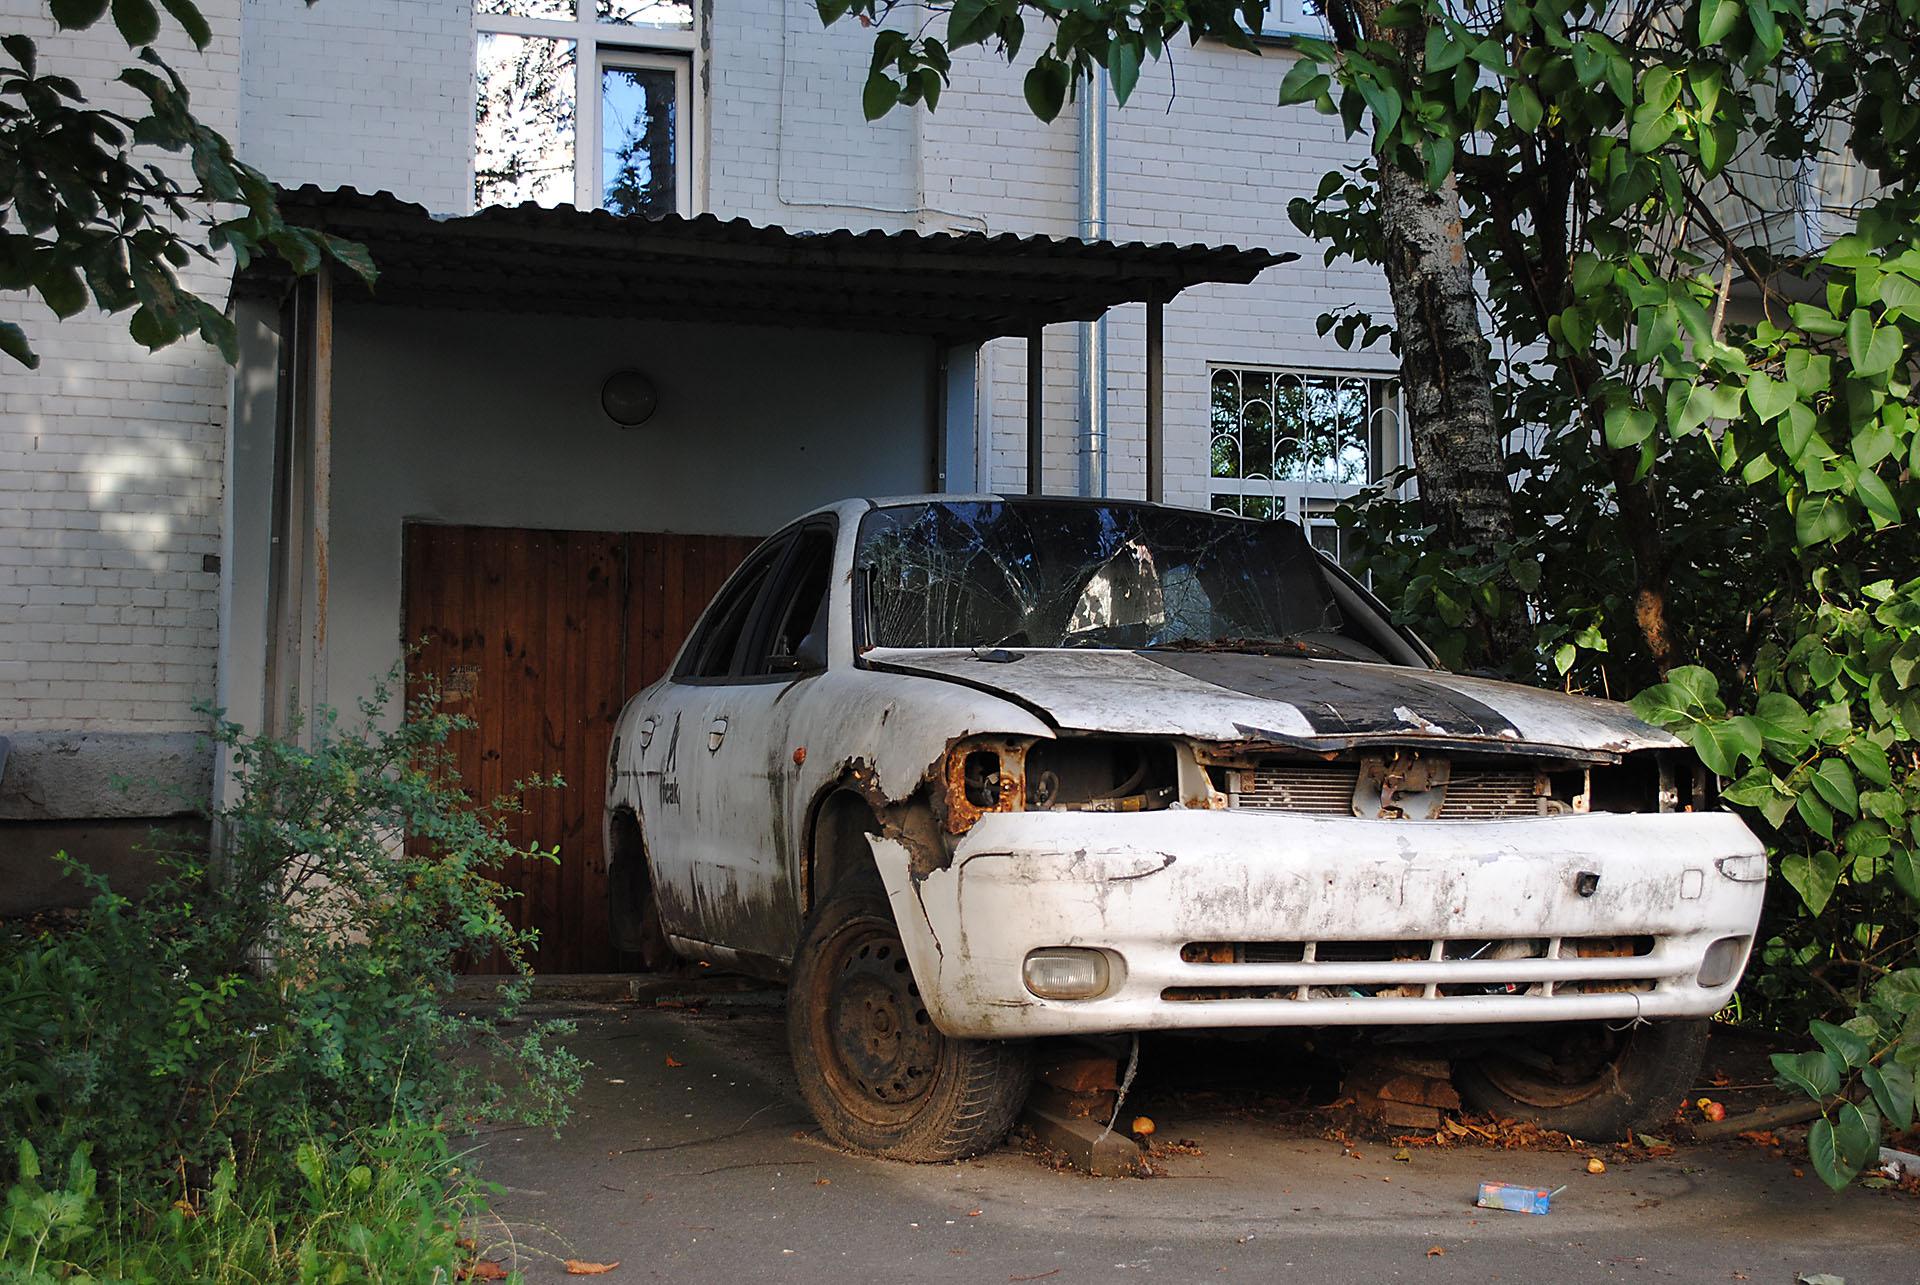 свалка автомобилей в украине фото того можно подобрать